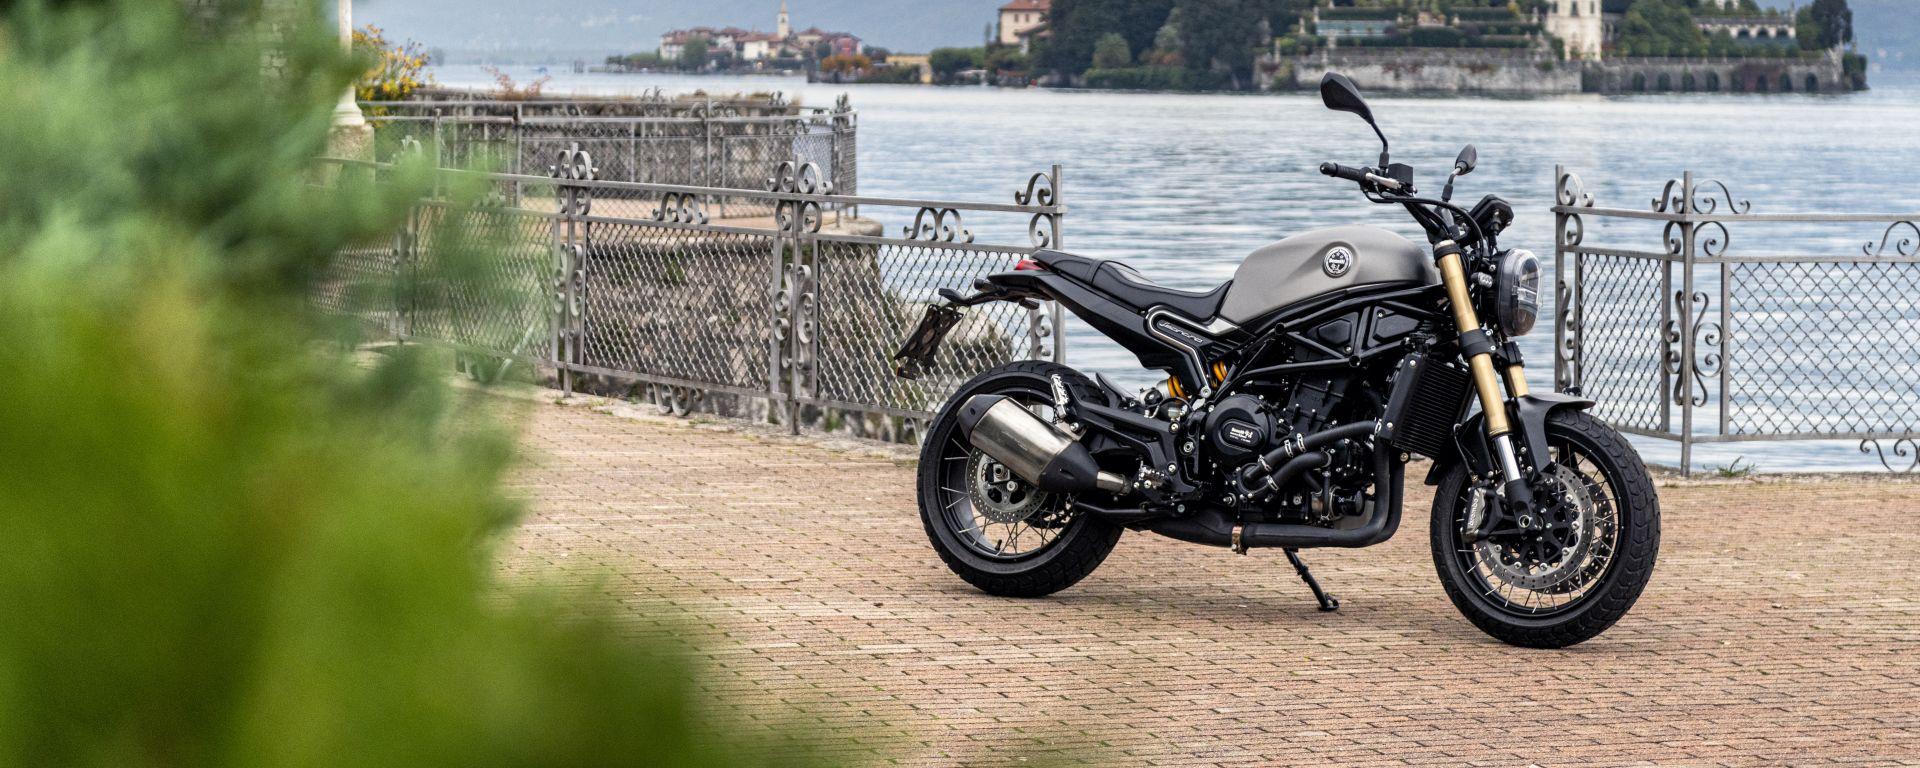 Benelli Leoncino 800 2021